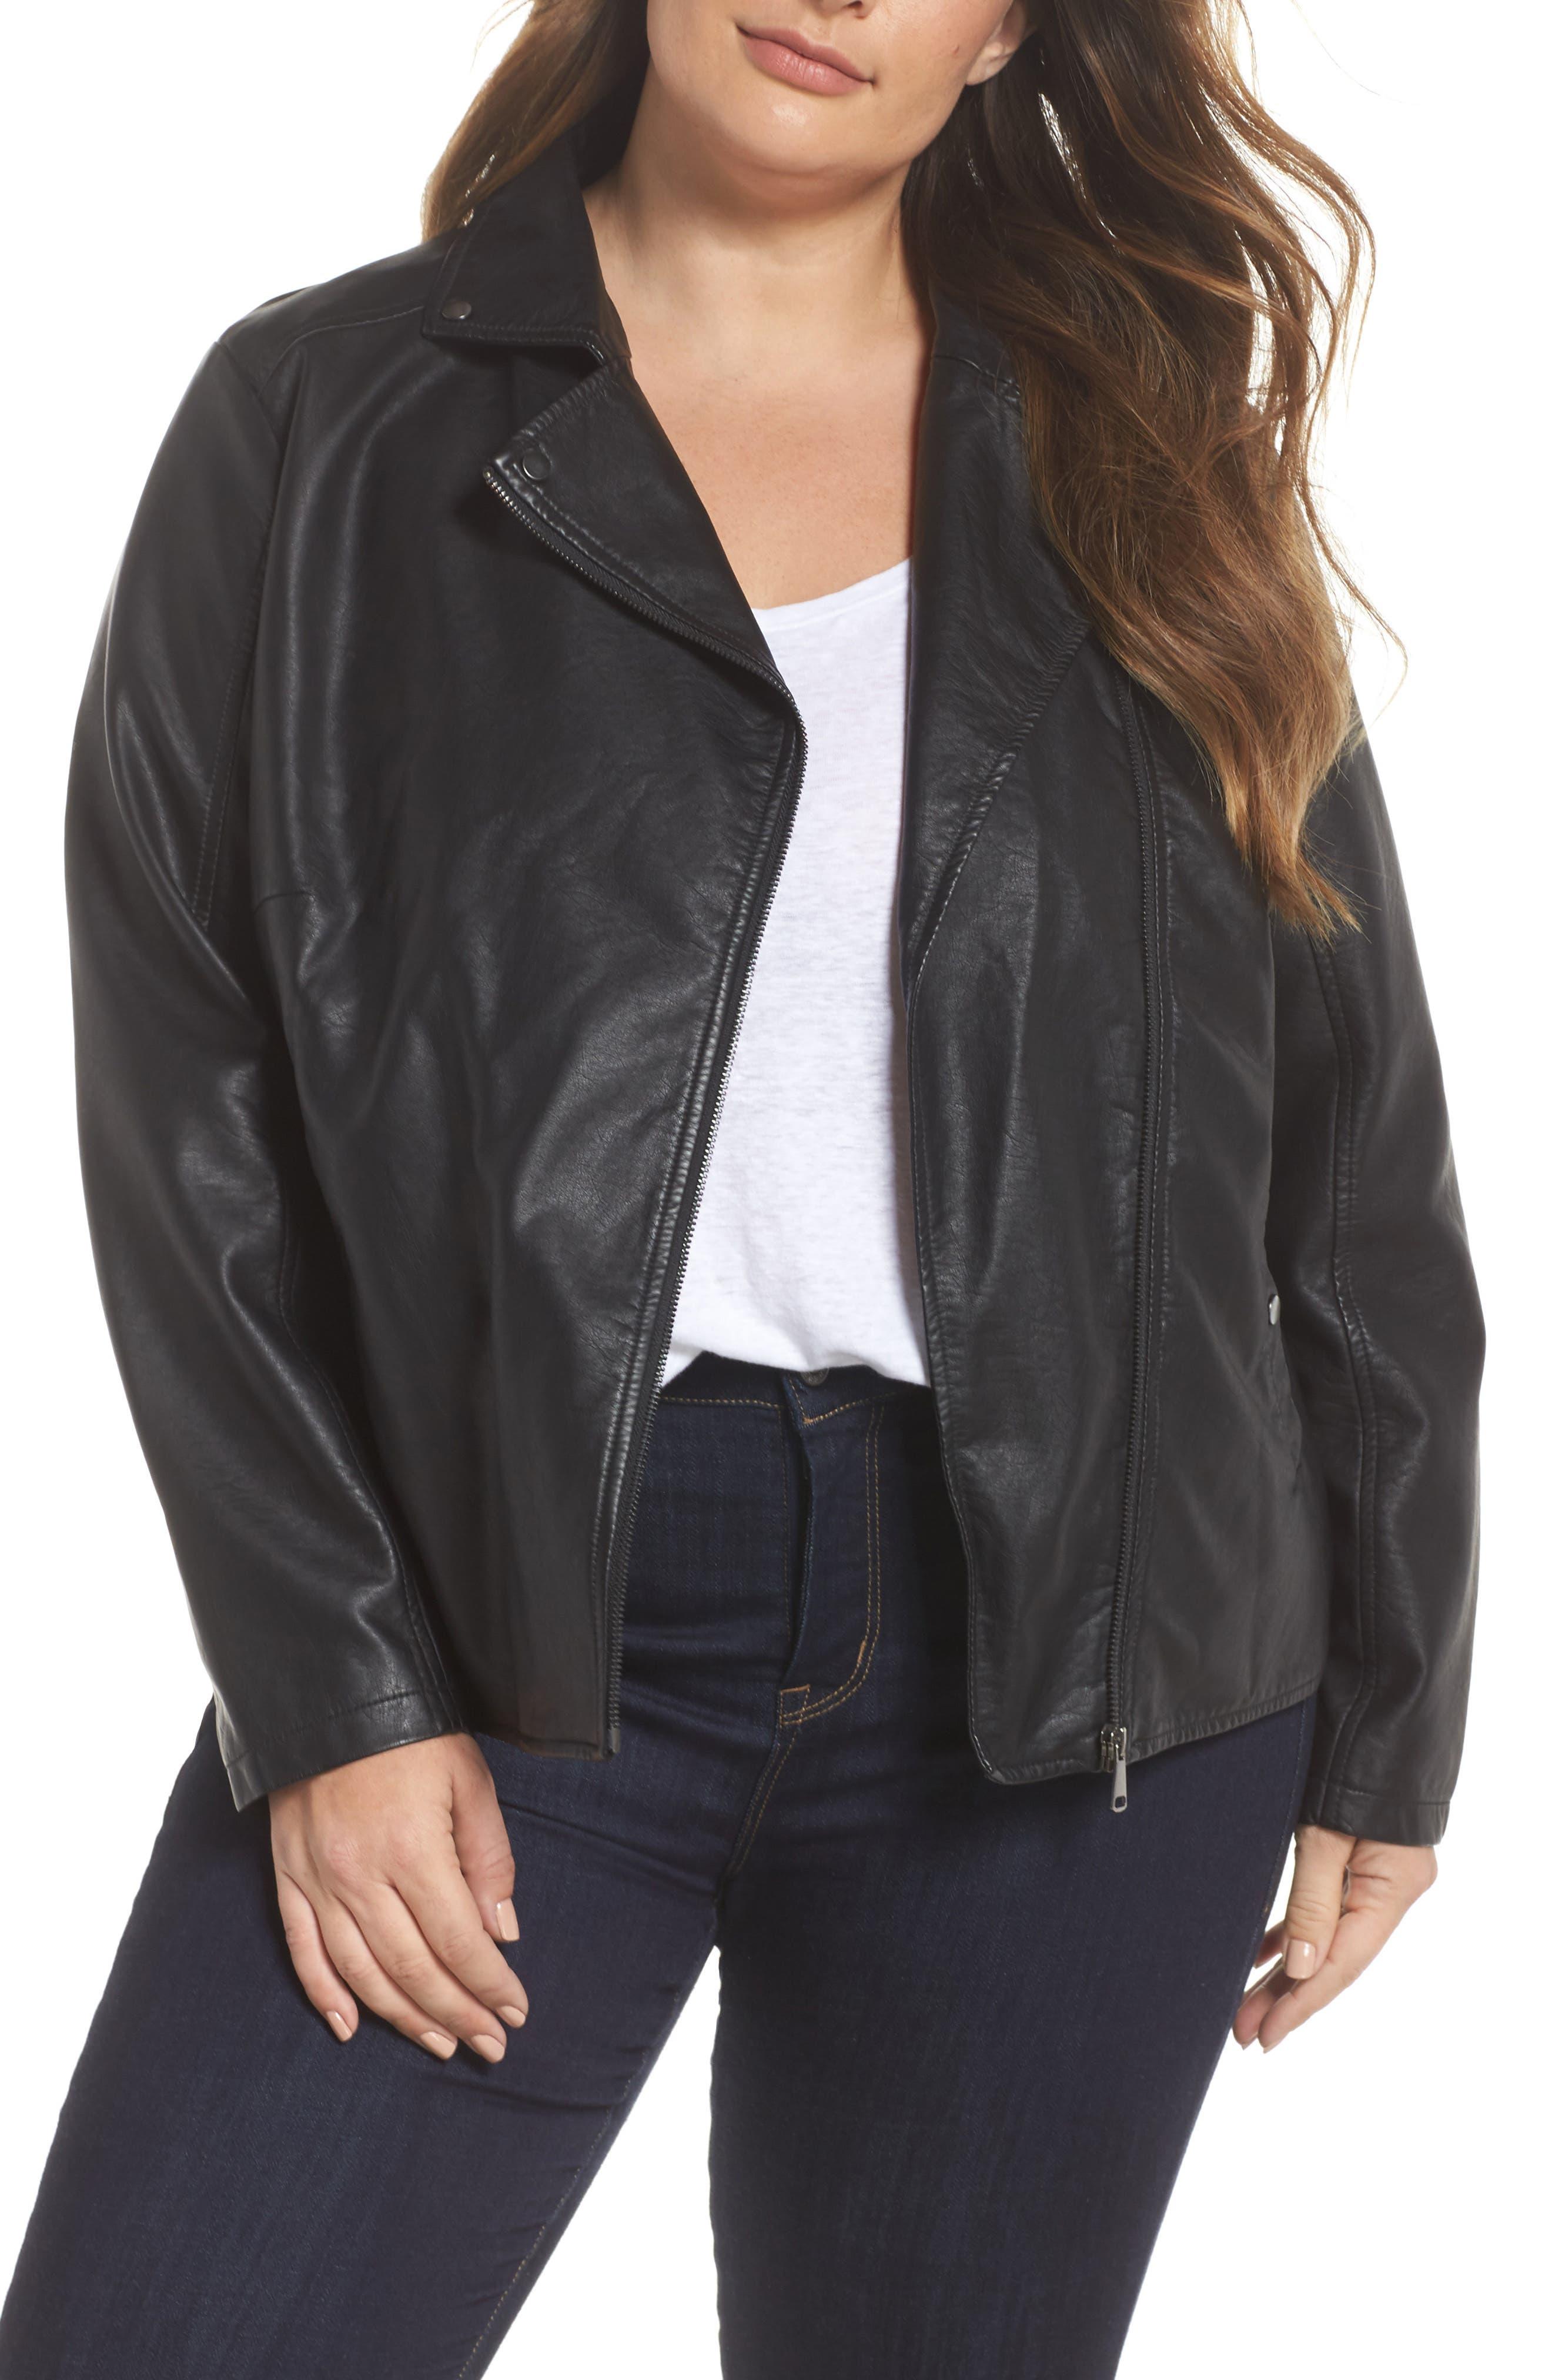 Alternate Image 1 Selected - JUNAROSE Karisa Faux Leather Moto Jacket (Plus Size)